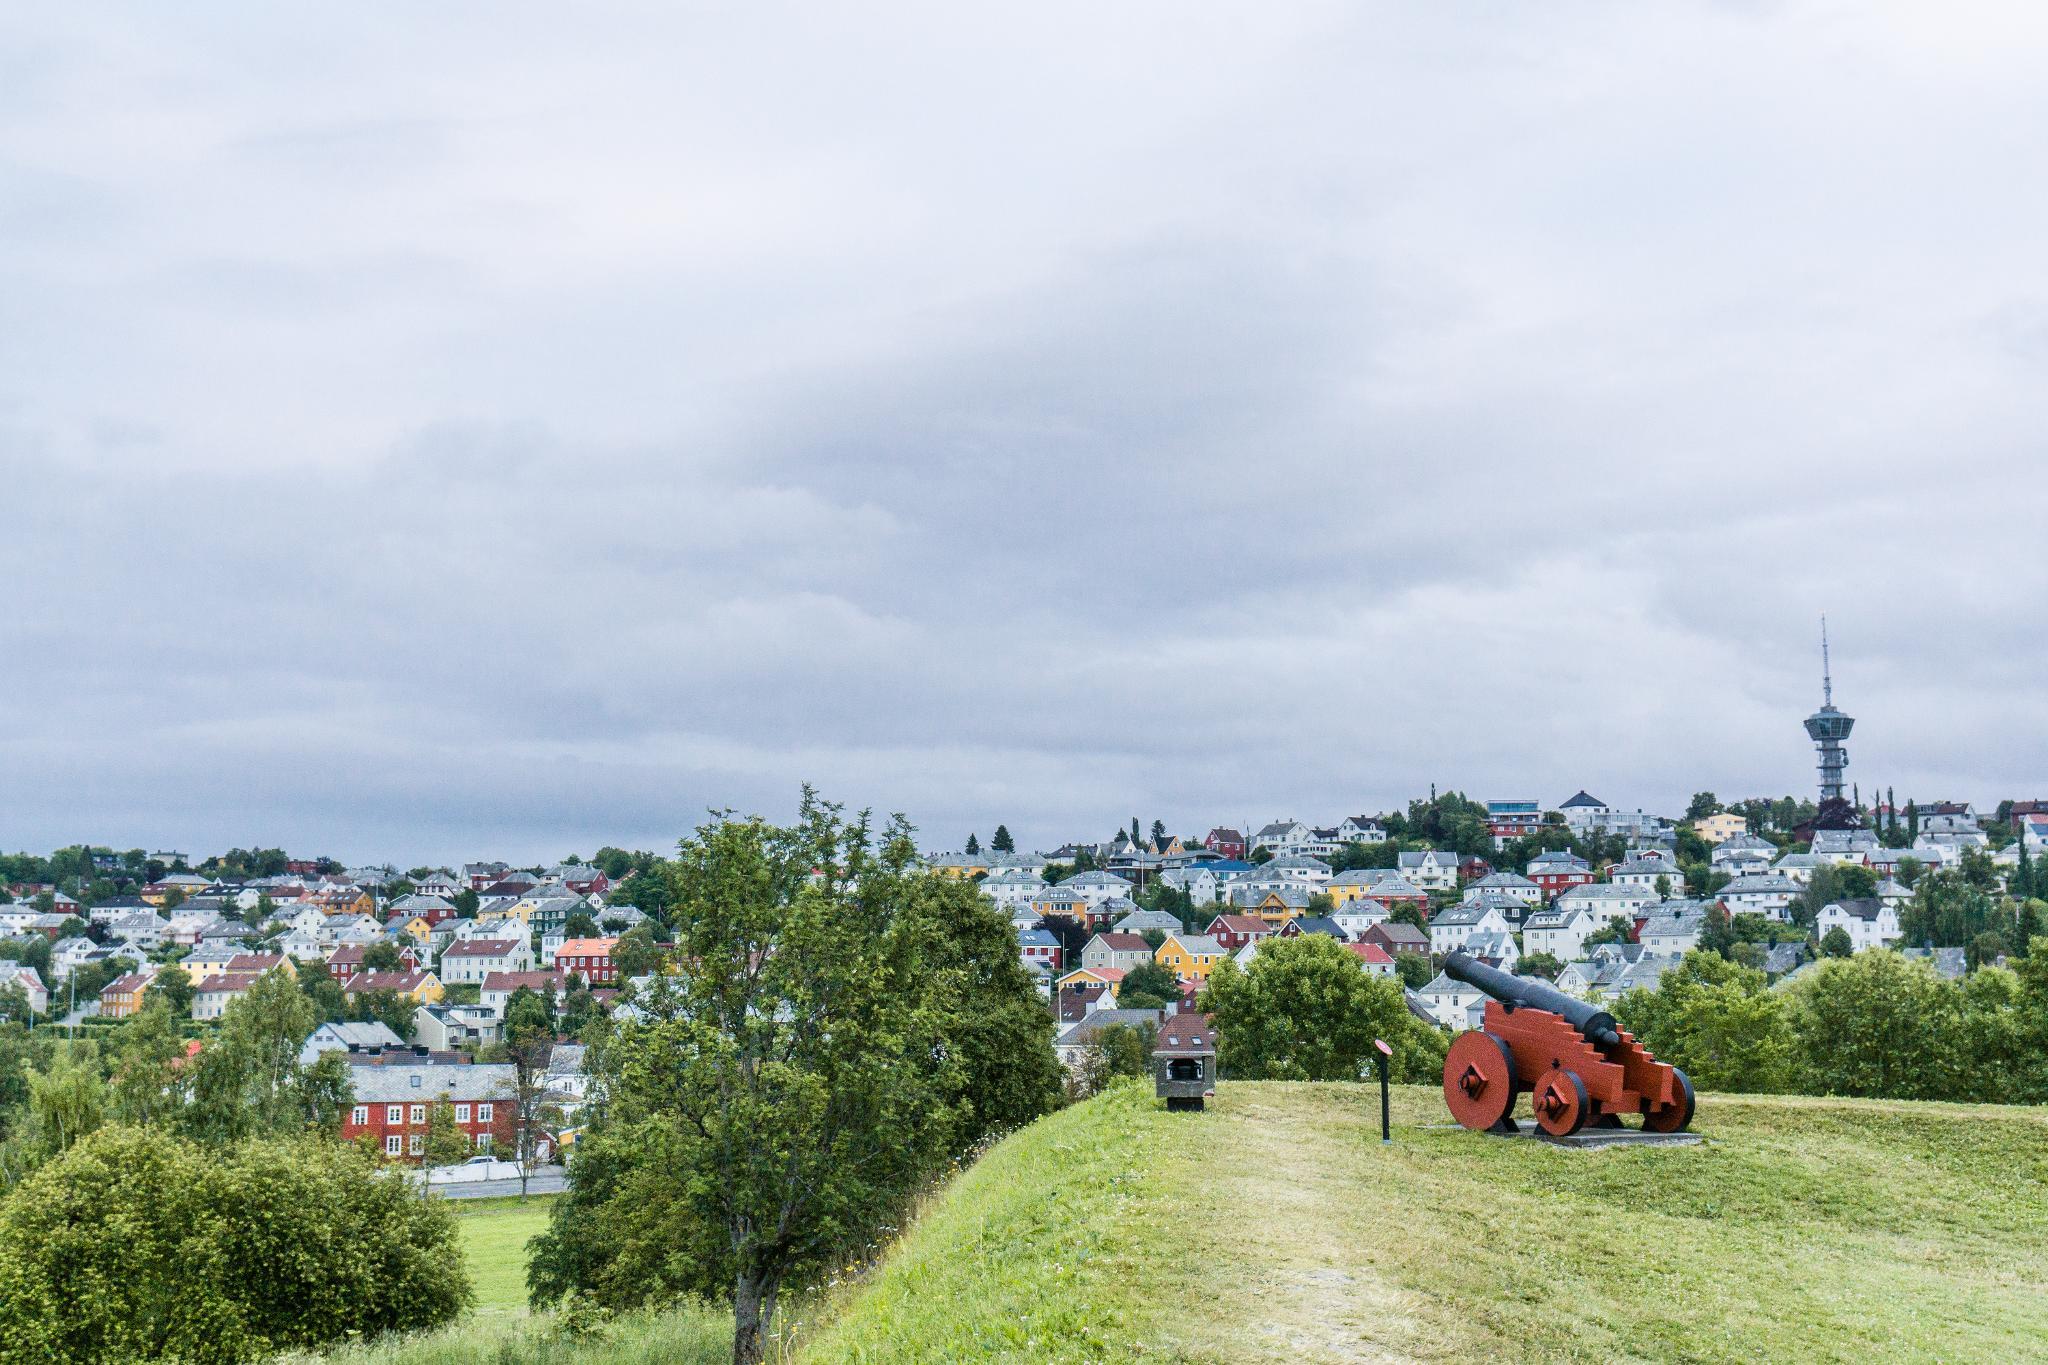 【北歐景點】拜訪維京王的千年古城 - Trondheim 特隆赫姆景點懶人包 6